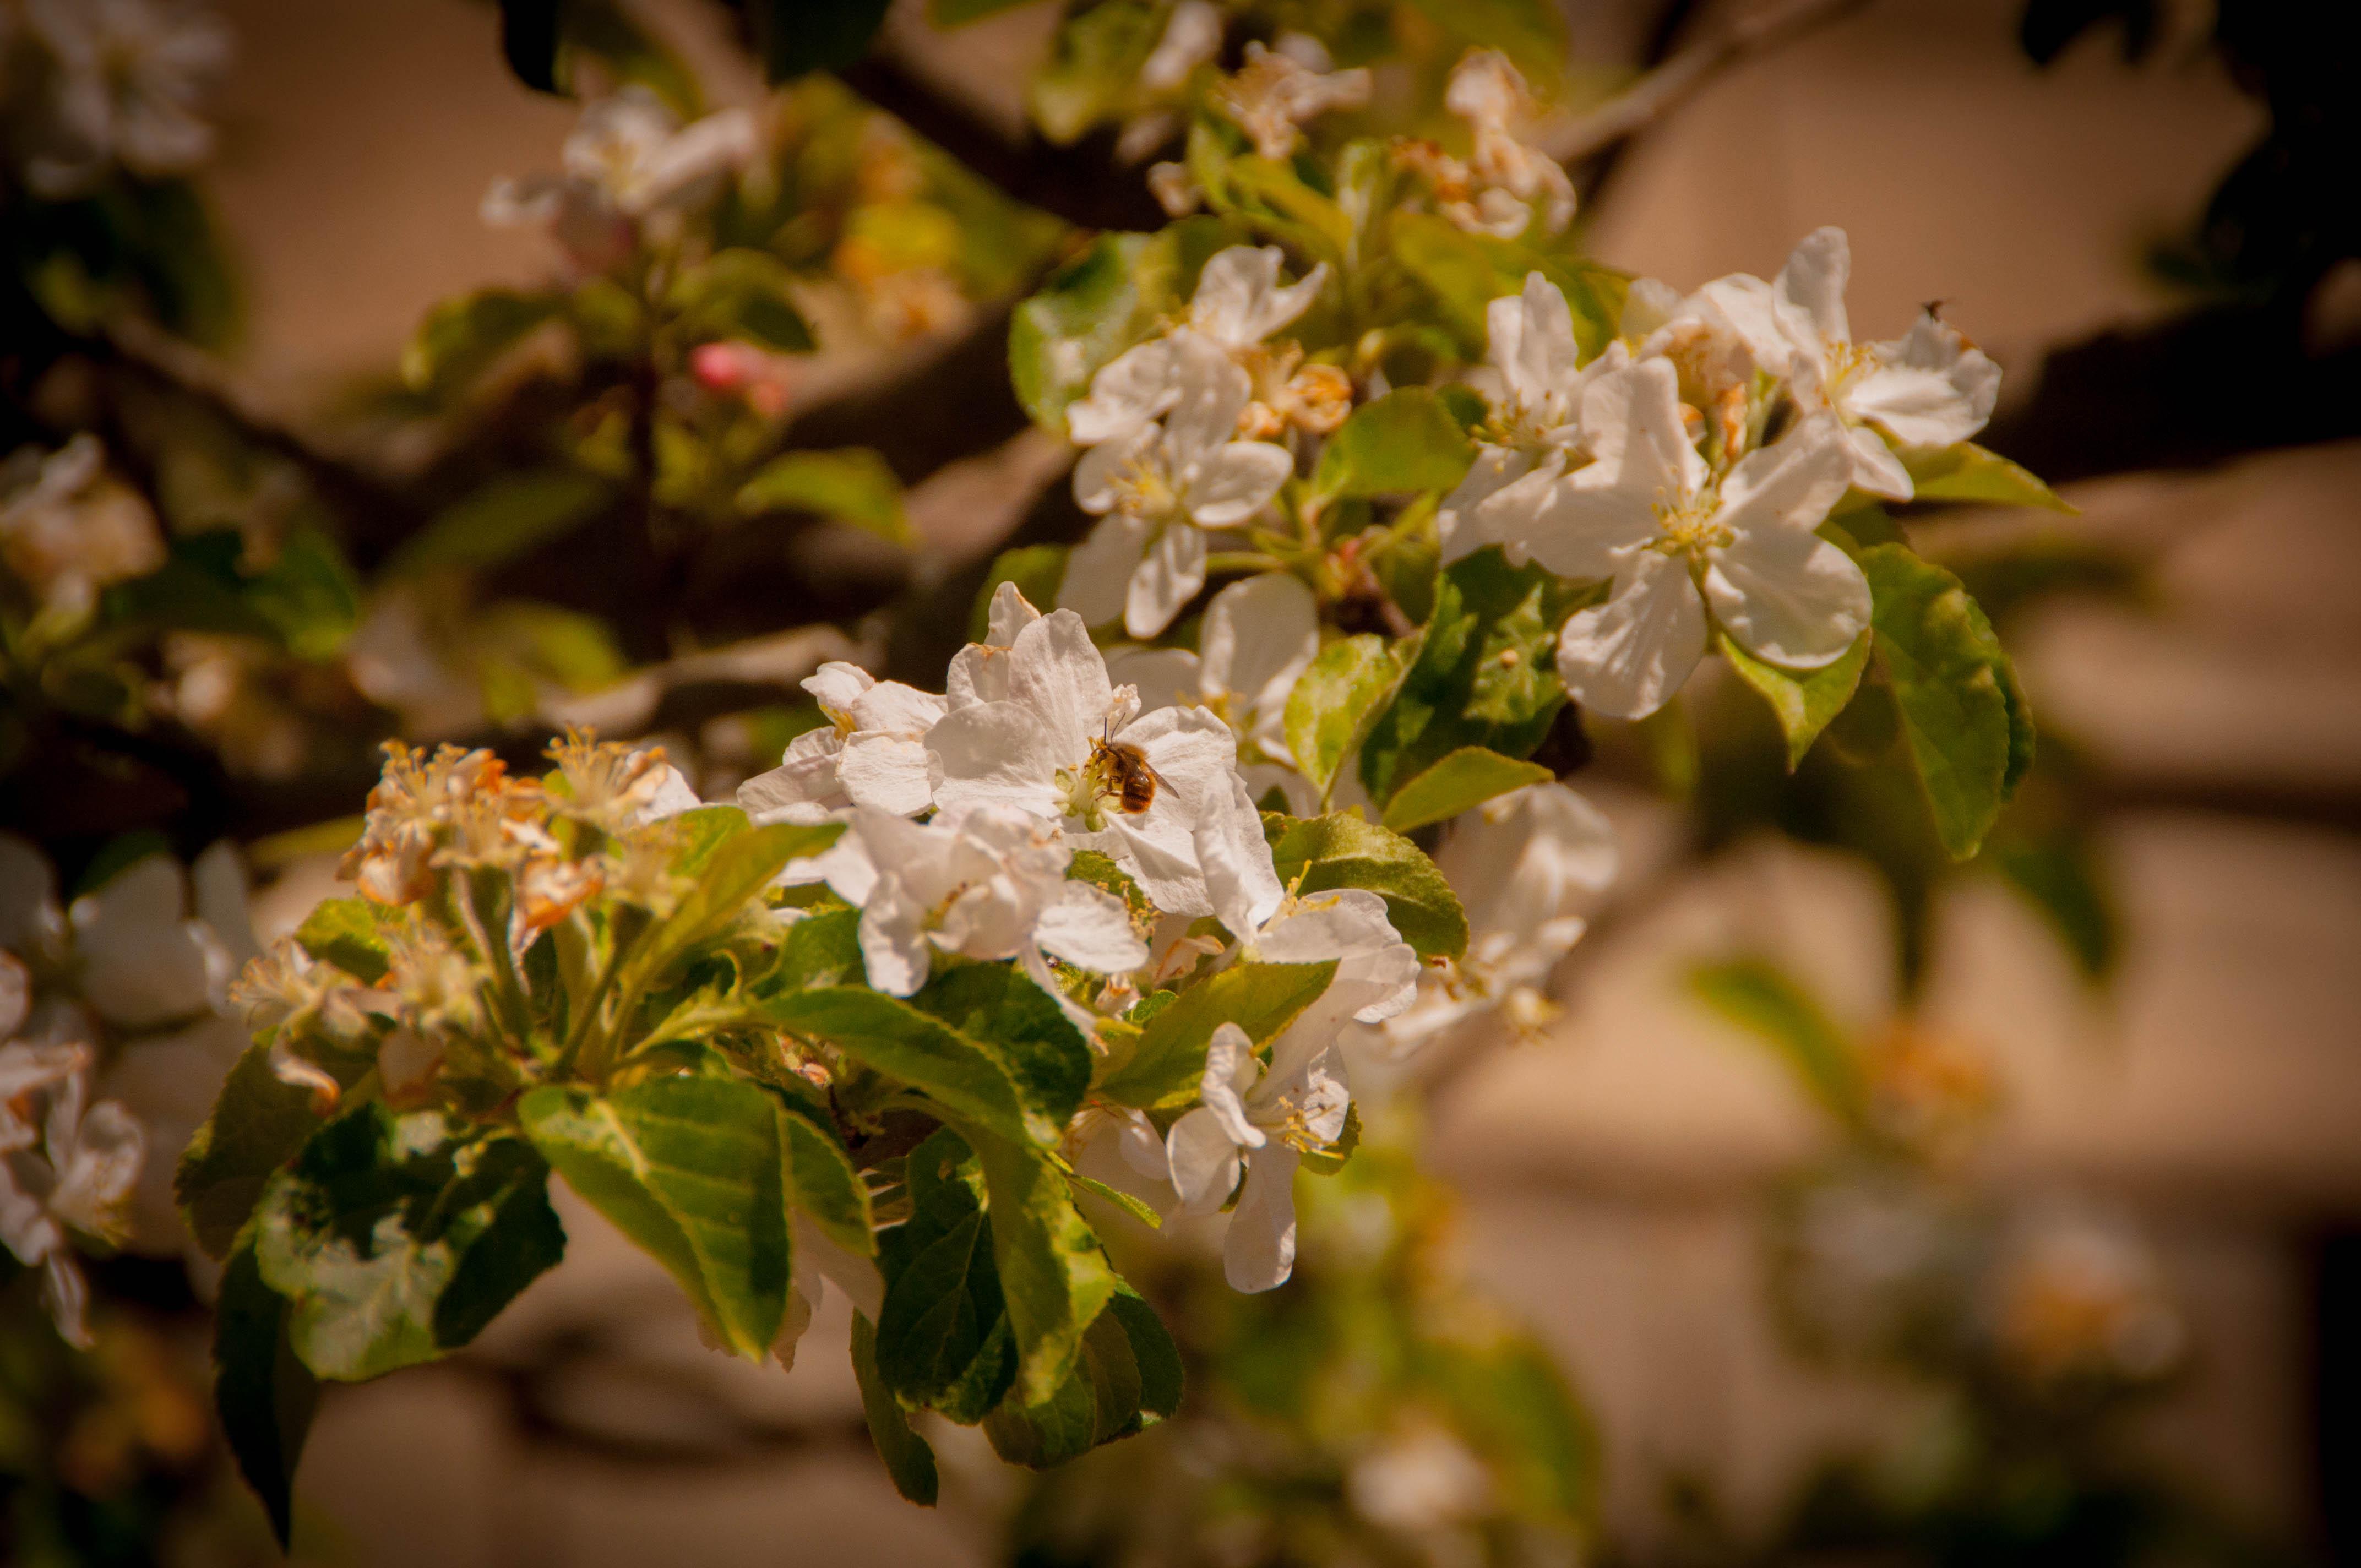 Malus manzana Las Obreras de Aliste